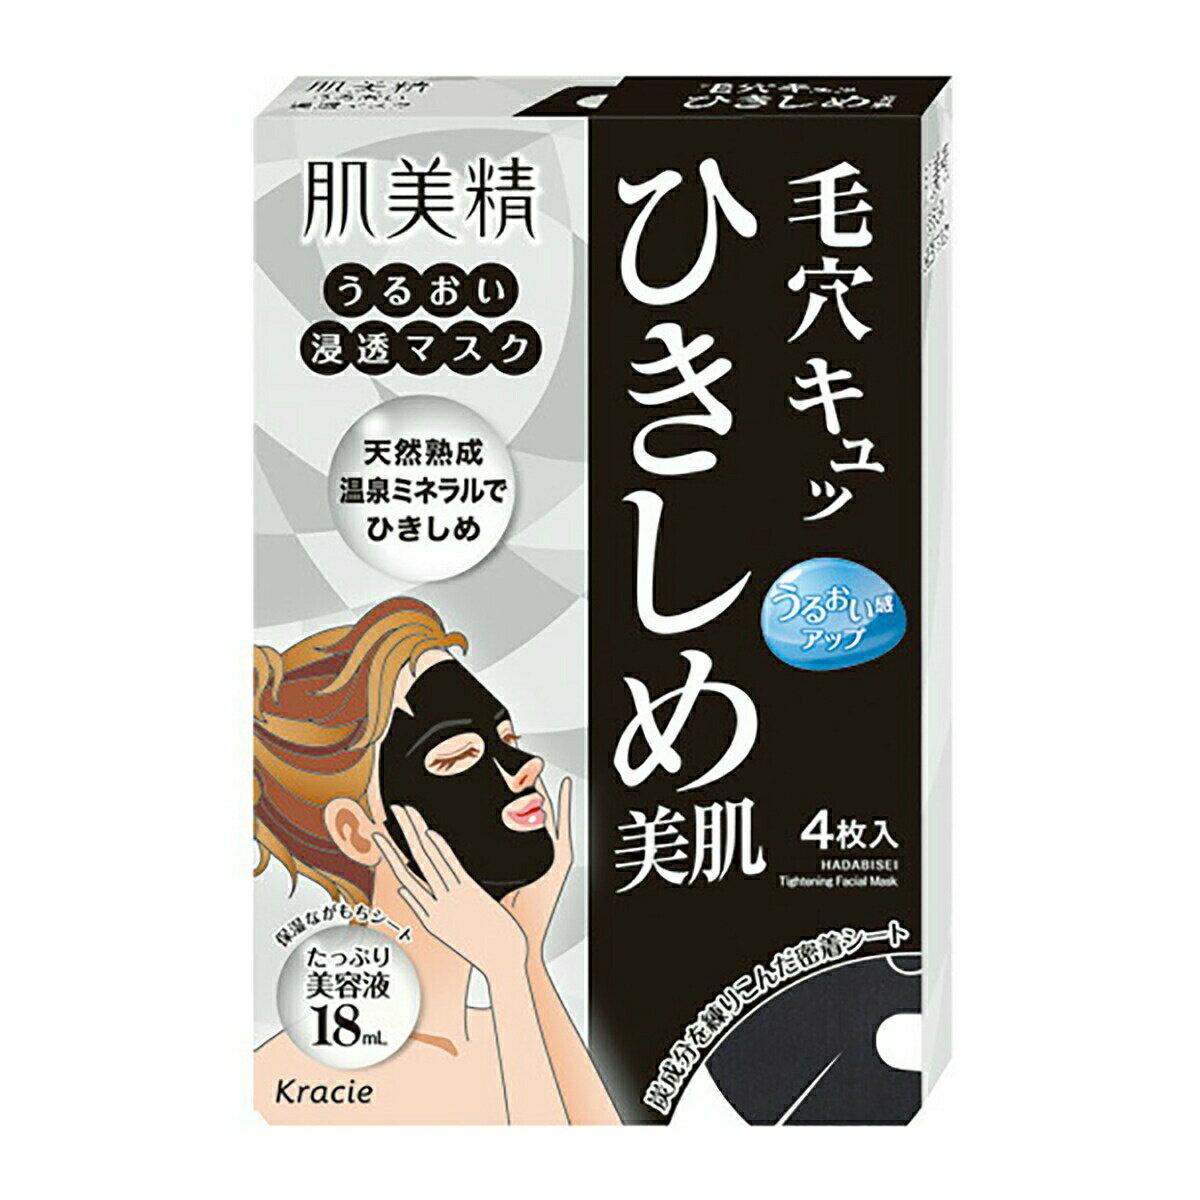 クラシエ 肌美精 うるおい浸透マスク ひきしめ 4枚入り たっぷり美容液18ml ( 美顔 フェイスシートパック ) ( 4901417629883 )